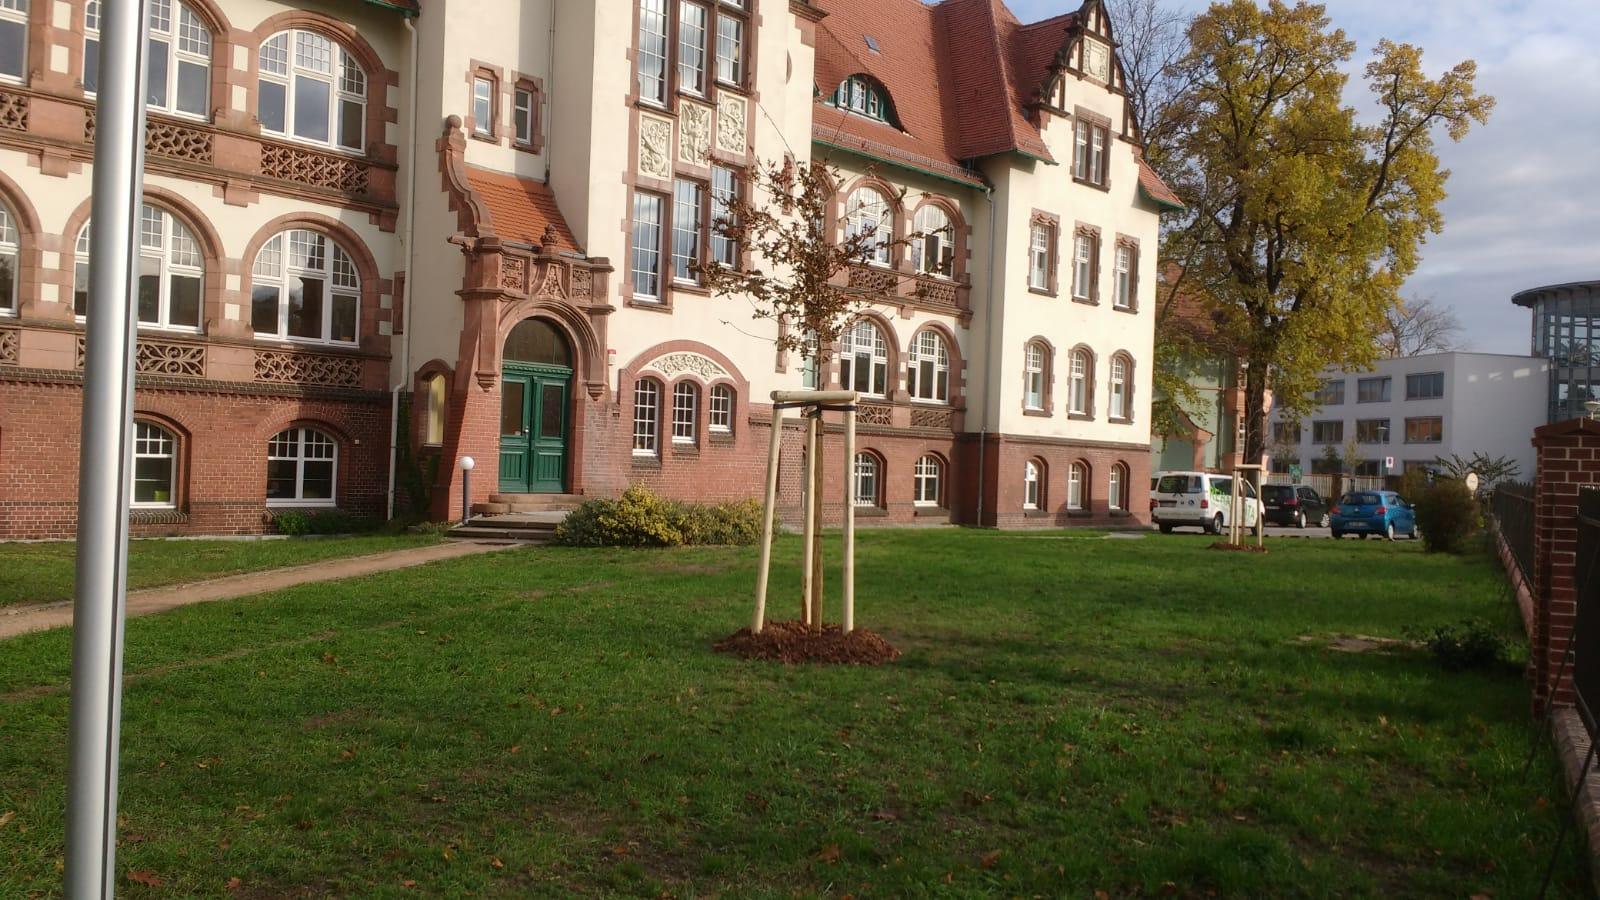 Baumpflanzung in cottbuser Grünanlage